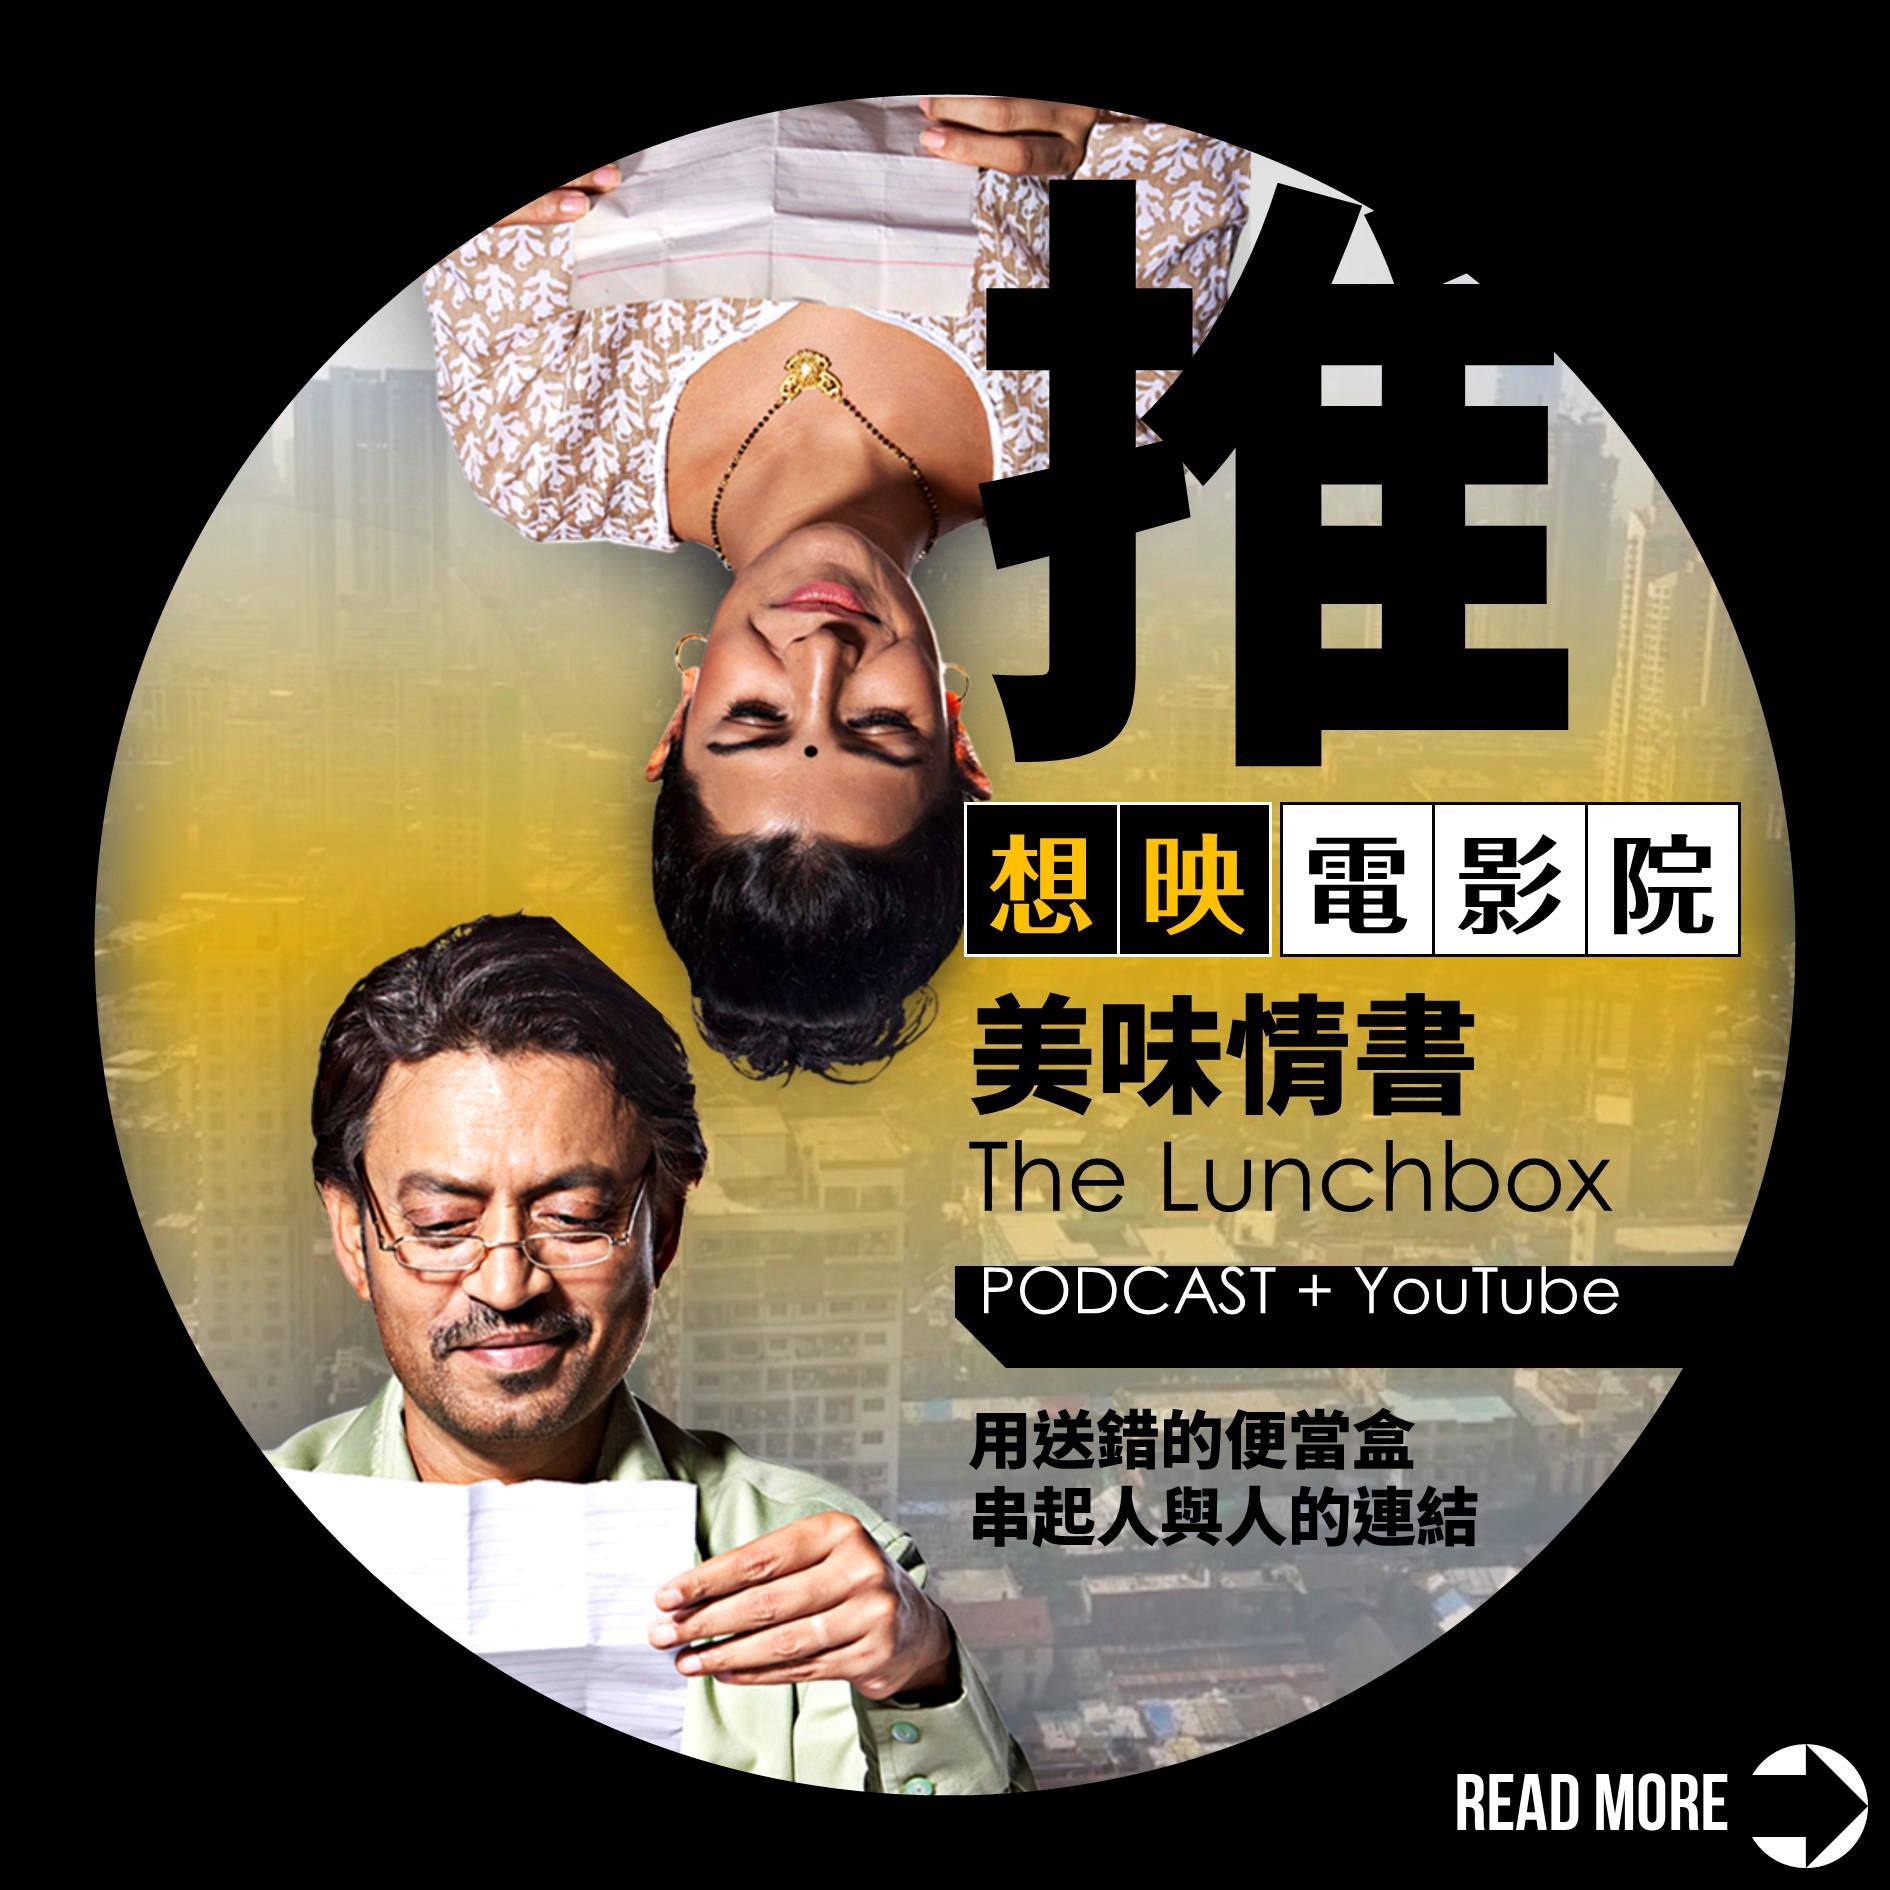 【想映電影院】EP. 04 用送錯的便當盒 串起人與人的溫暖連結!《美味情書》The Lunchbox 坎城影展 國際影評人週 觀眾票選獎   XXY + JERICHO